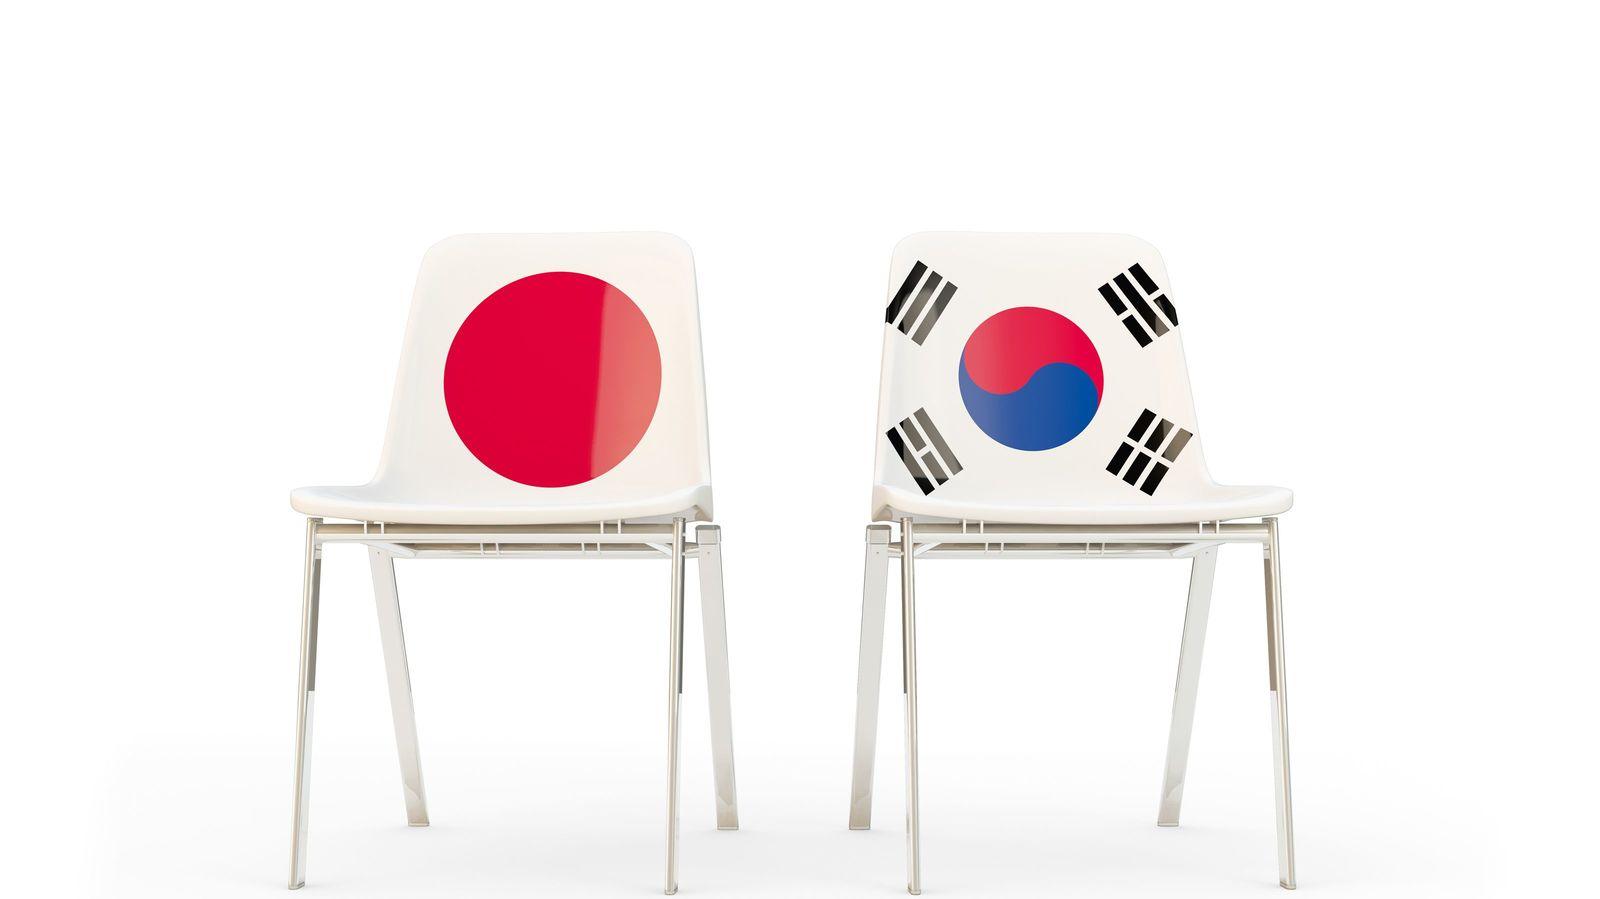 「韓国が大嫌いな日本人」を、世界はどのように見ているのか 一貫して敗北し続ける「歴史戦」